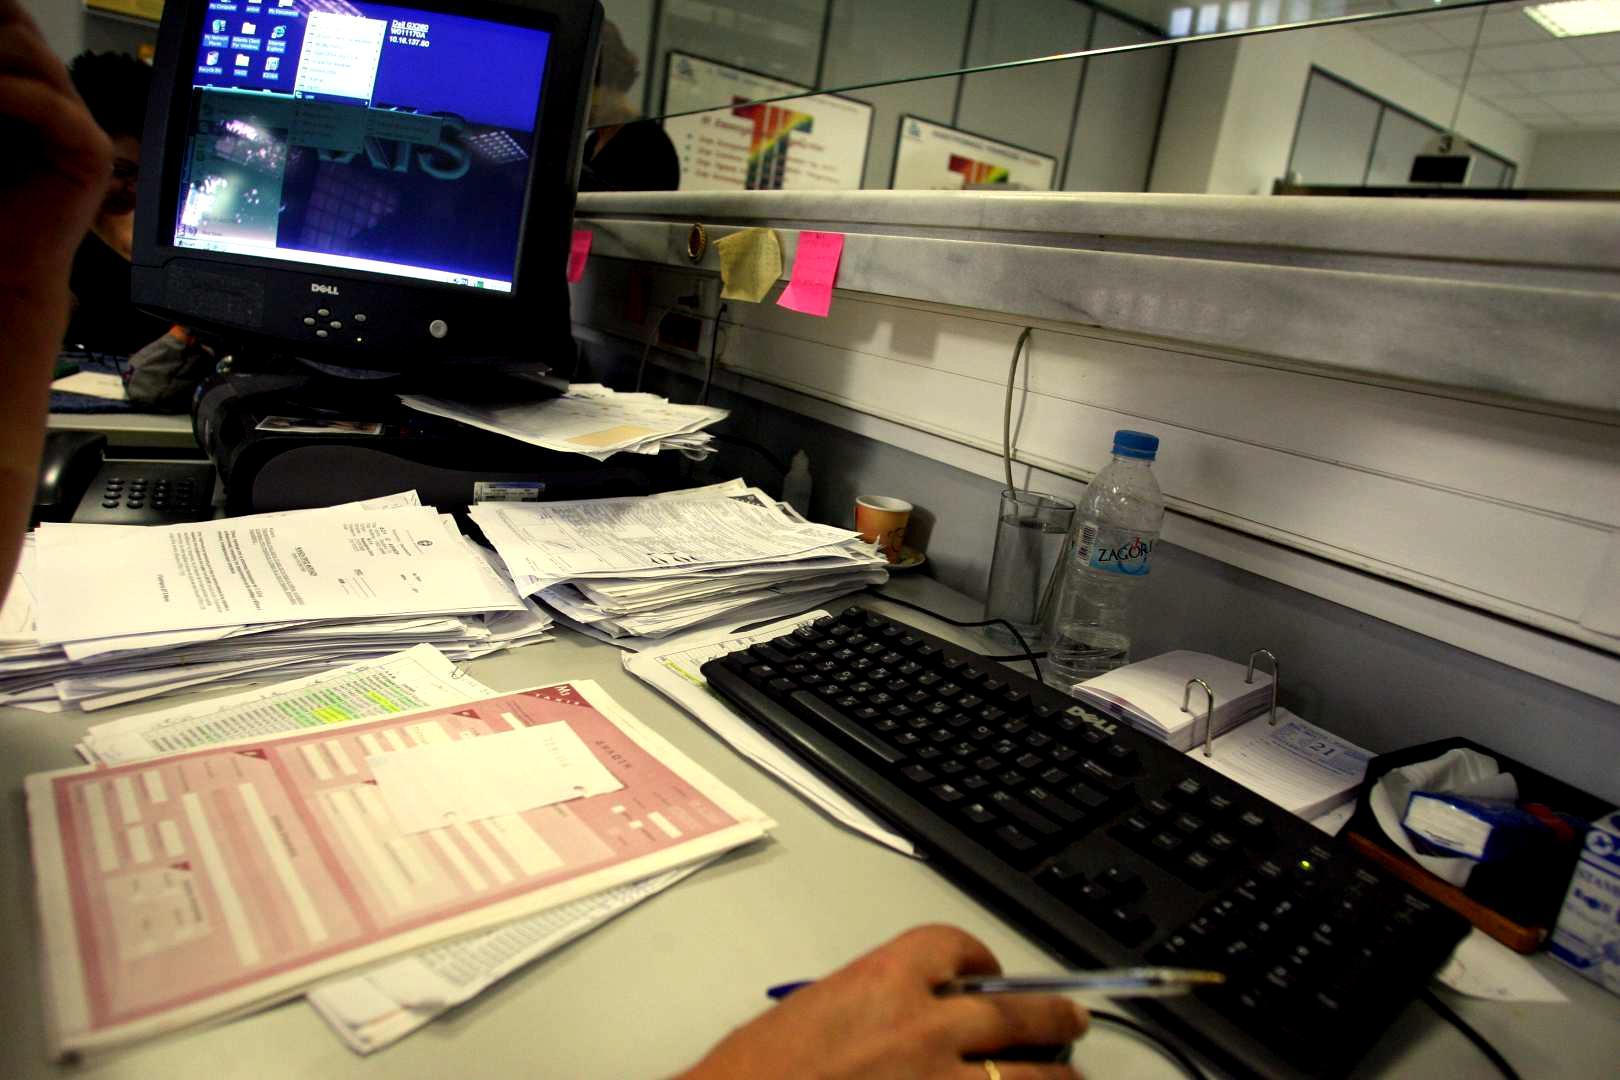 Φορολογικές δηλώσεις: Είναι οριστικό – Παρατείνεται έως τις 15 Σεπτεμβρίου